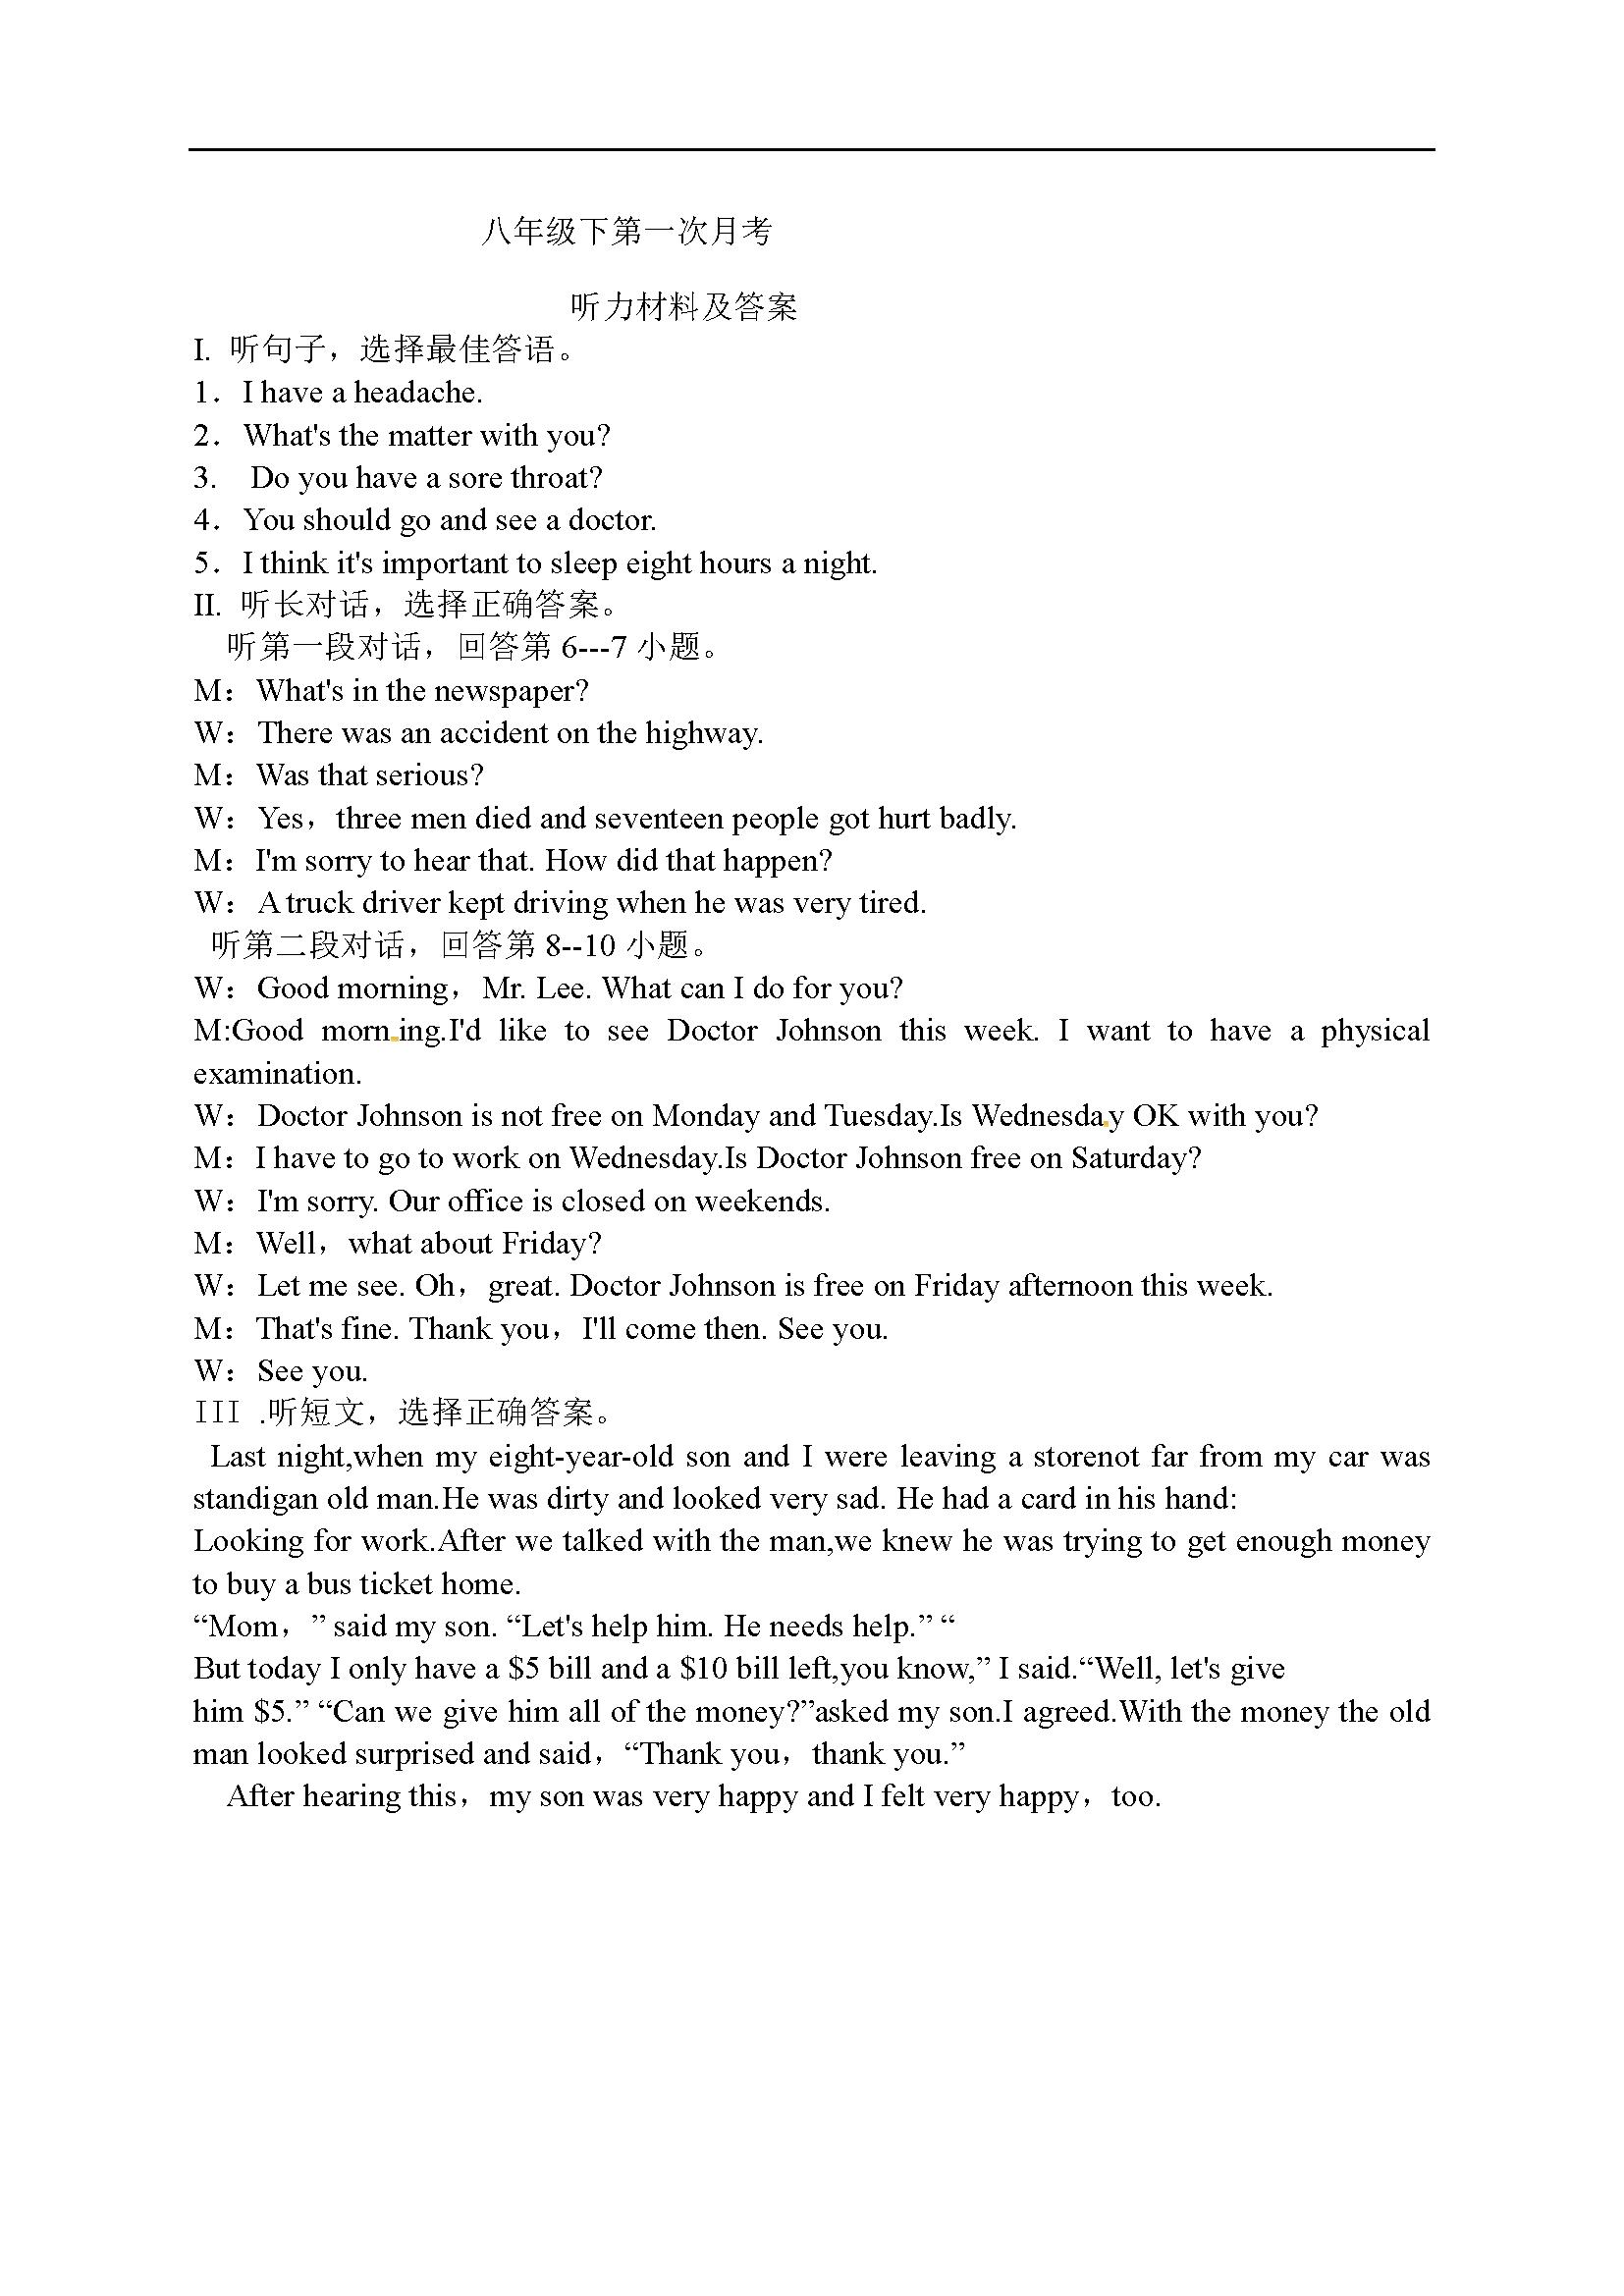 浙江杭州春蕾中学2016-2017八年级3月月考英语试题答案(Word版)